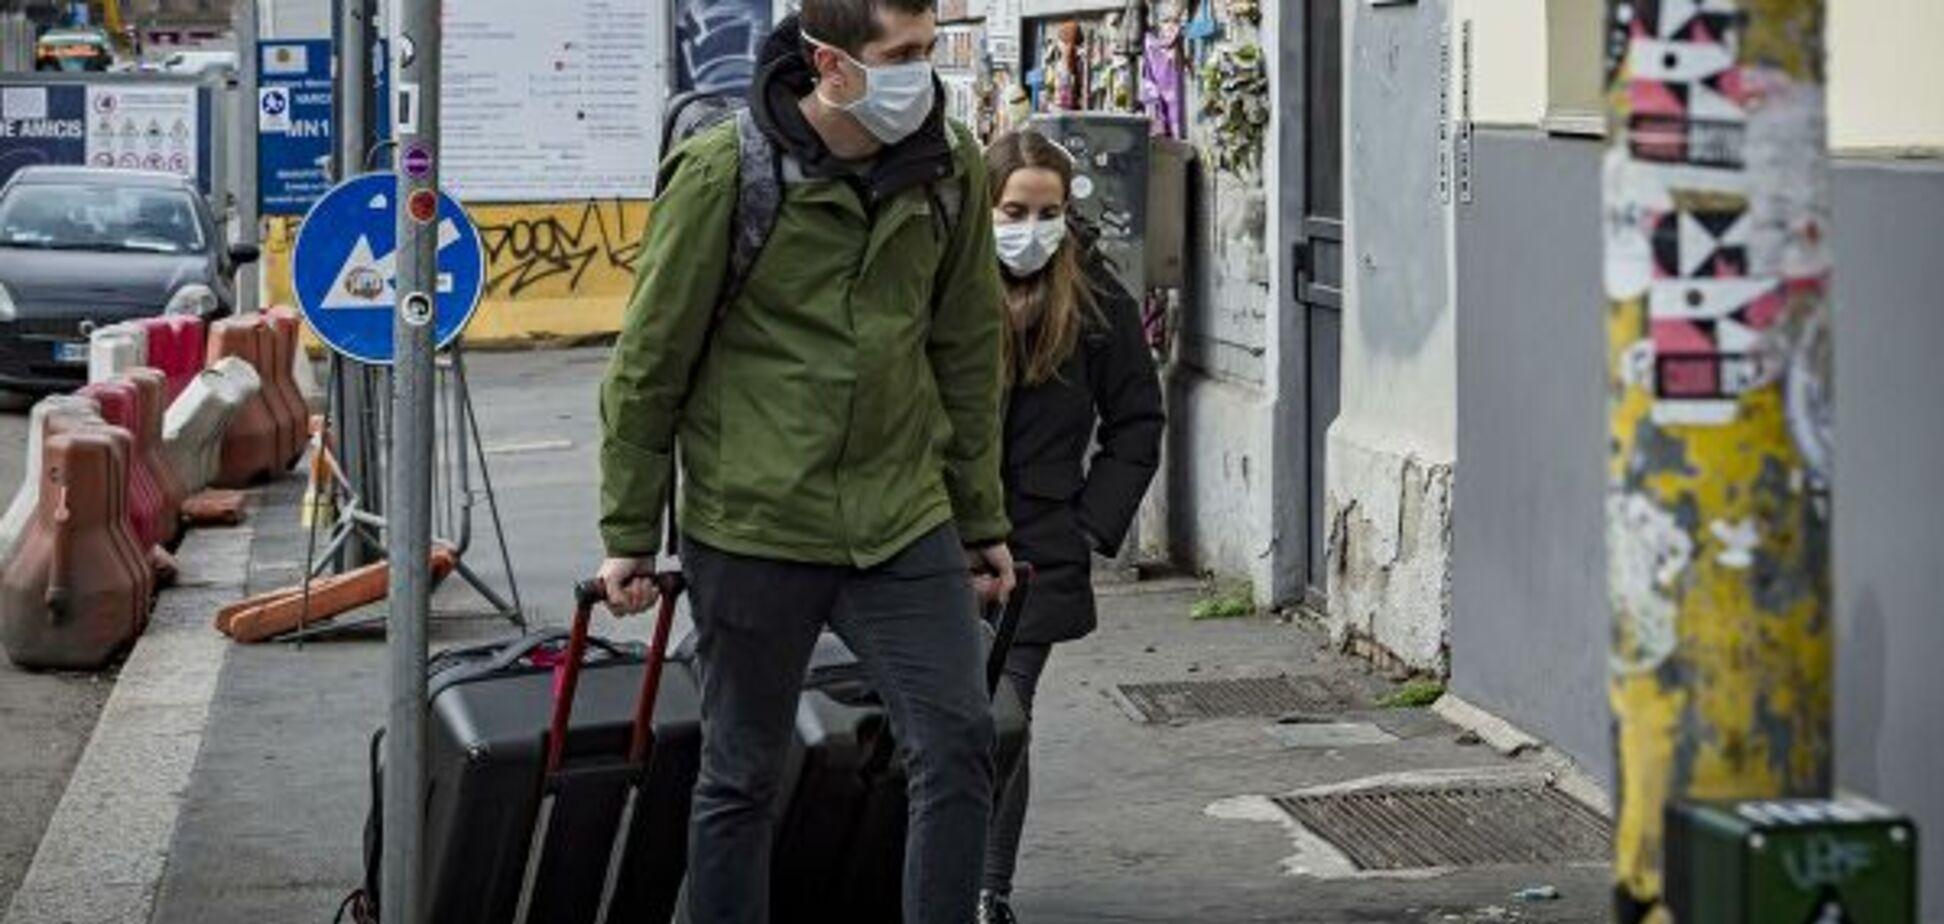 Коронавірус в Італії спалахнув із новою силою: страшна статистика